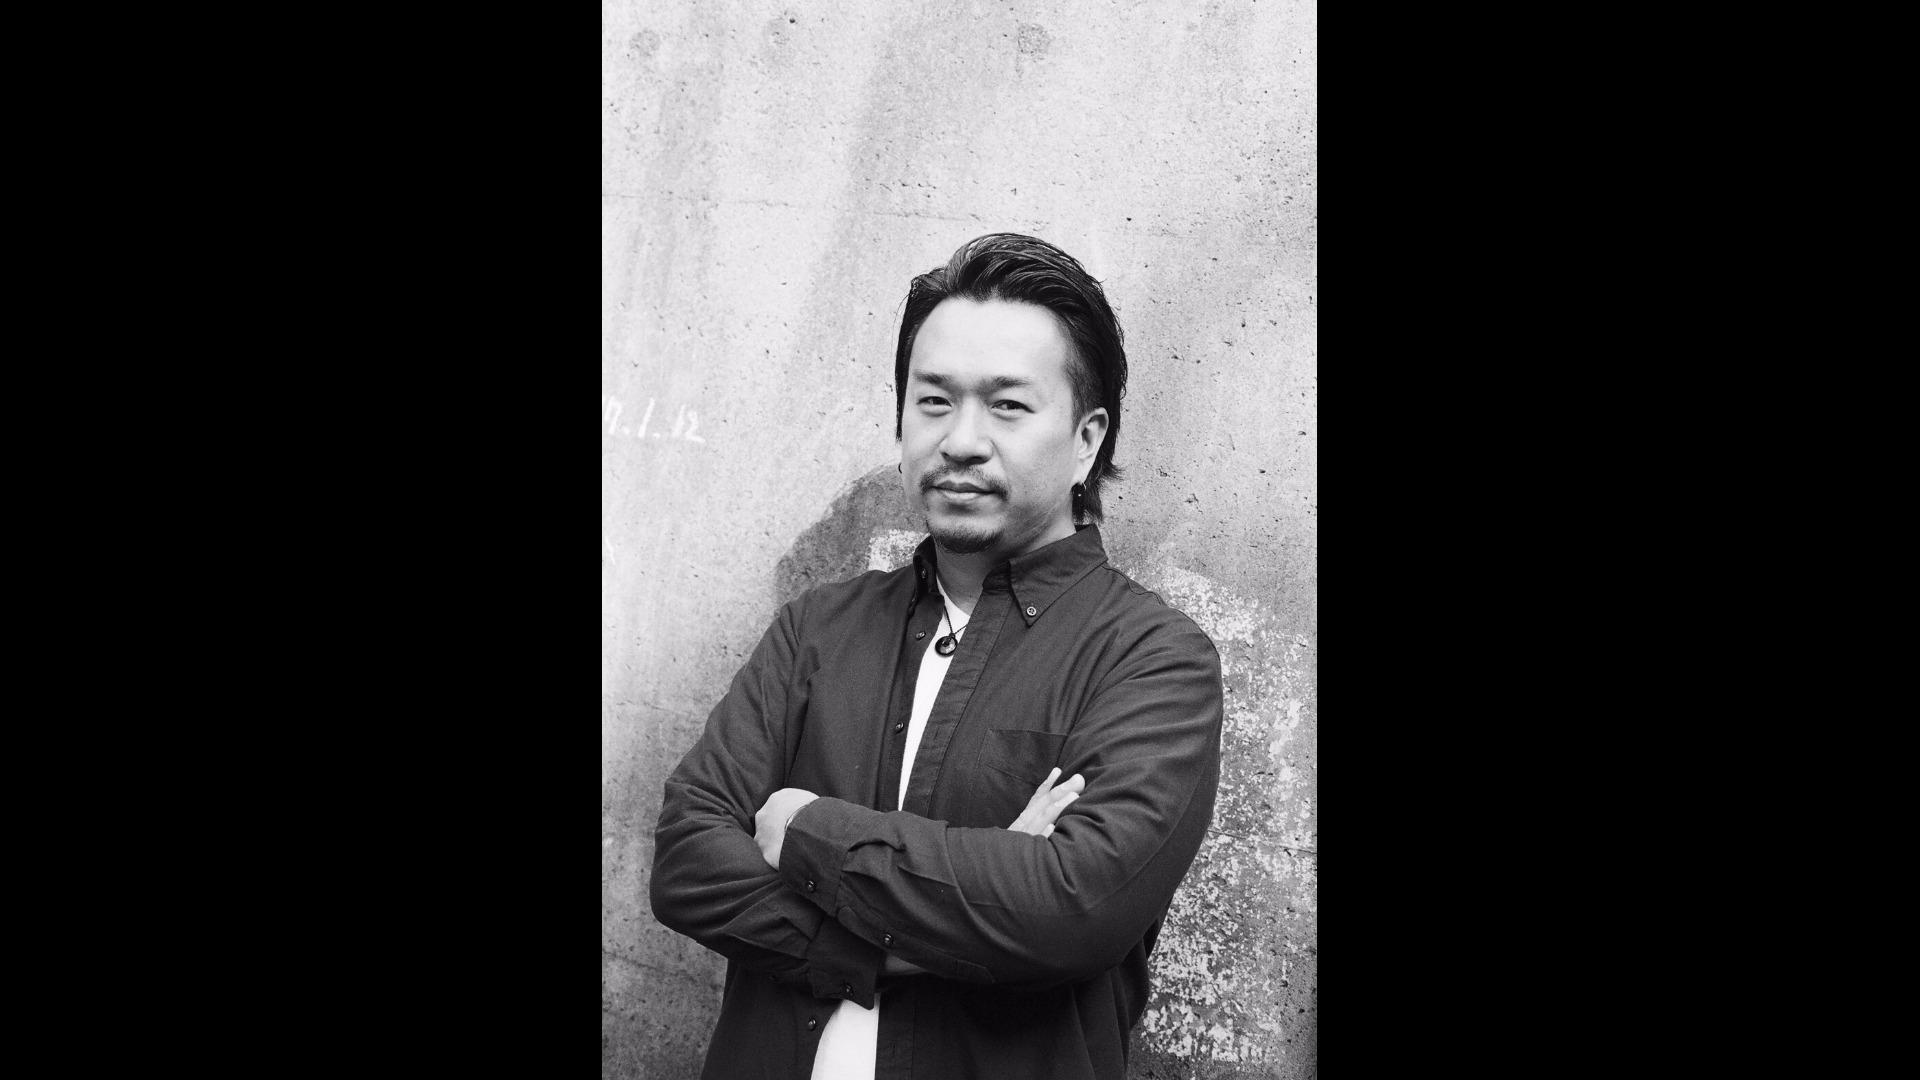 西川 礼一/大河内 隆広/鈴木 淳也